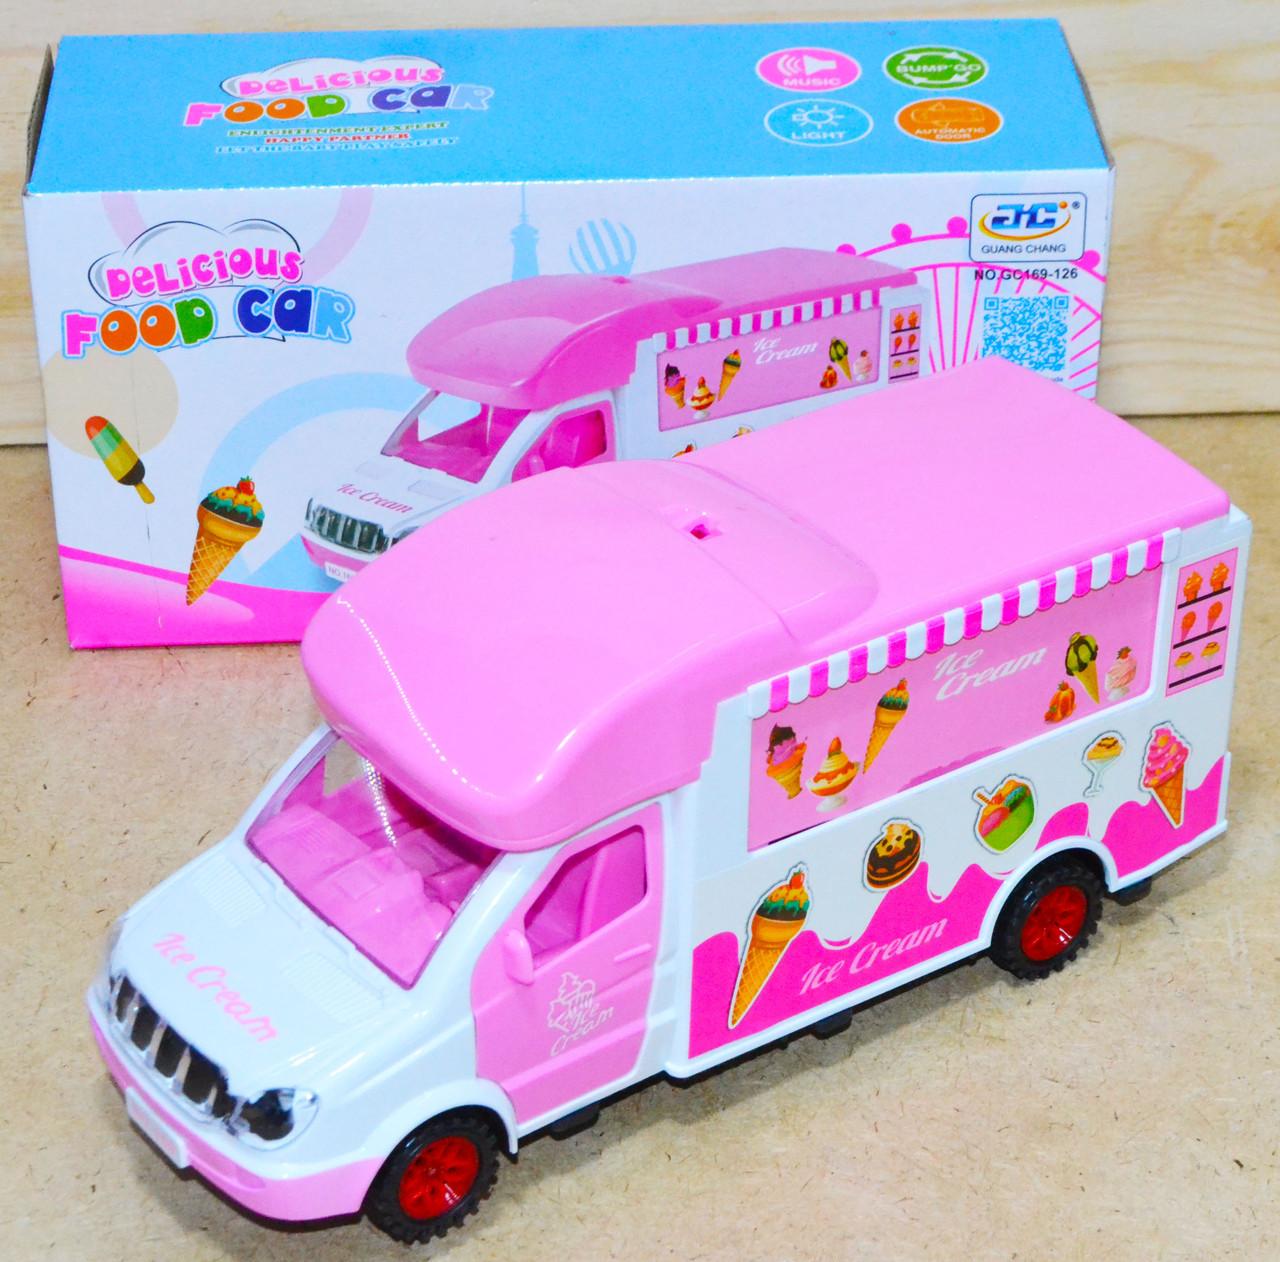 GC169-126 Грузовик с мороженным Pelicious Foodcar на батарейках с музыкой 24*12